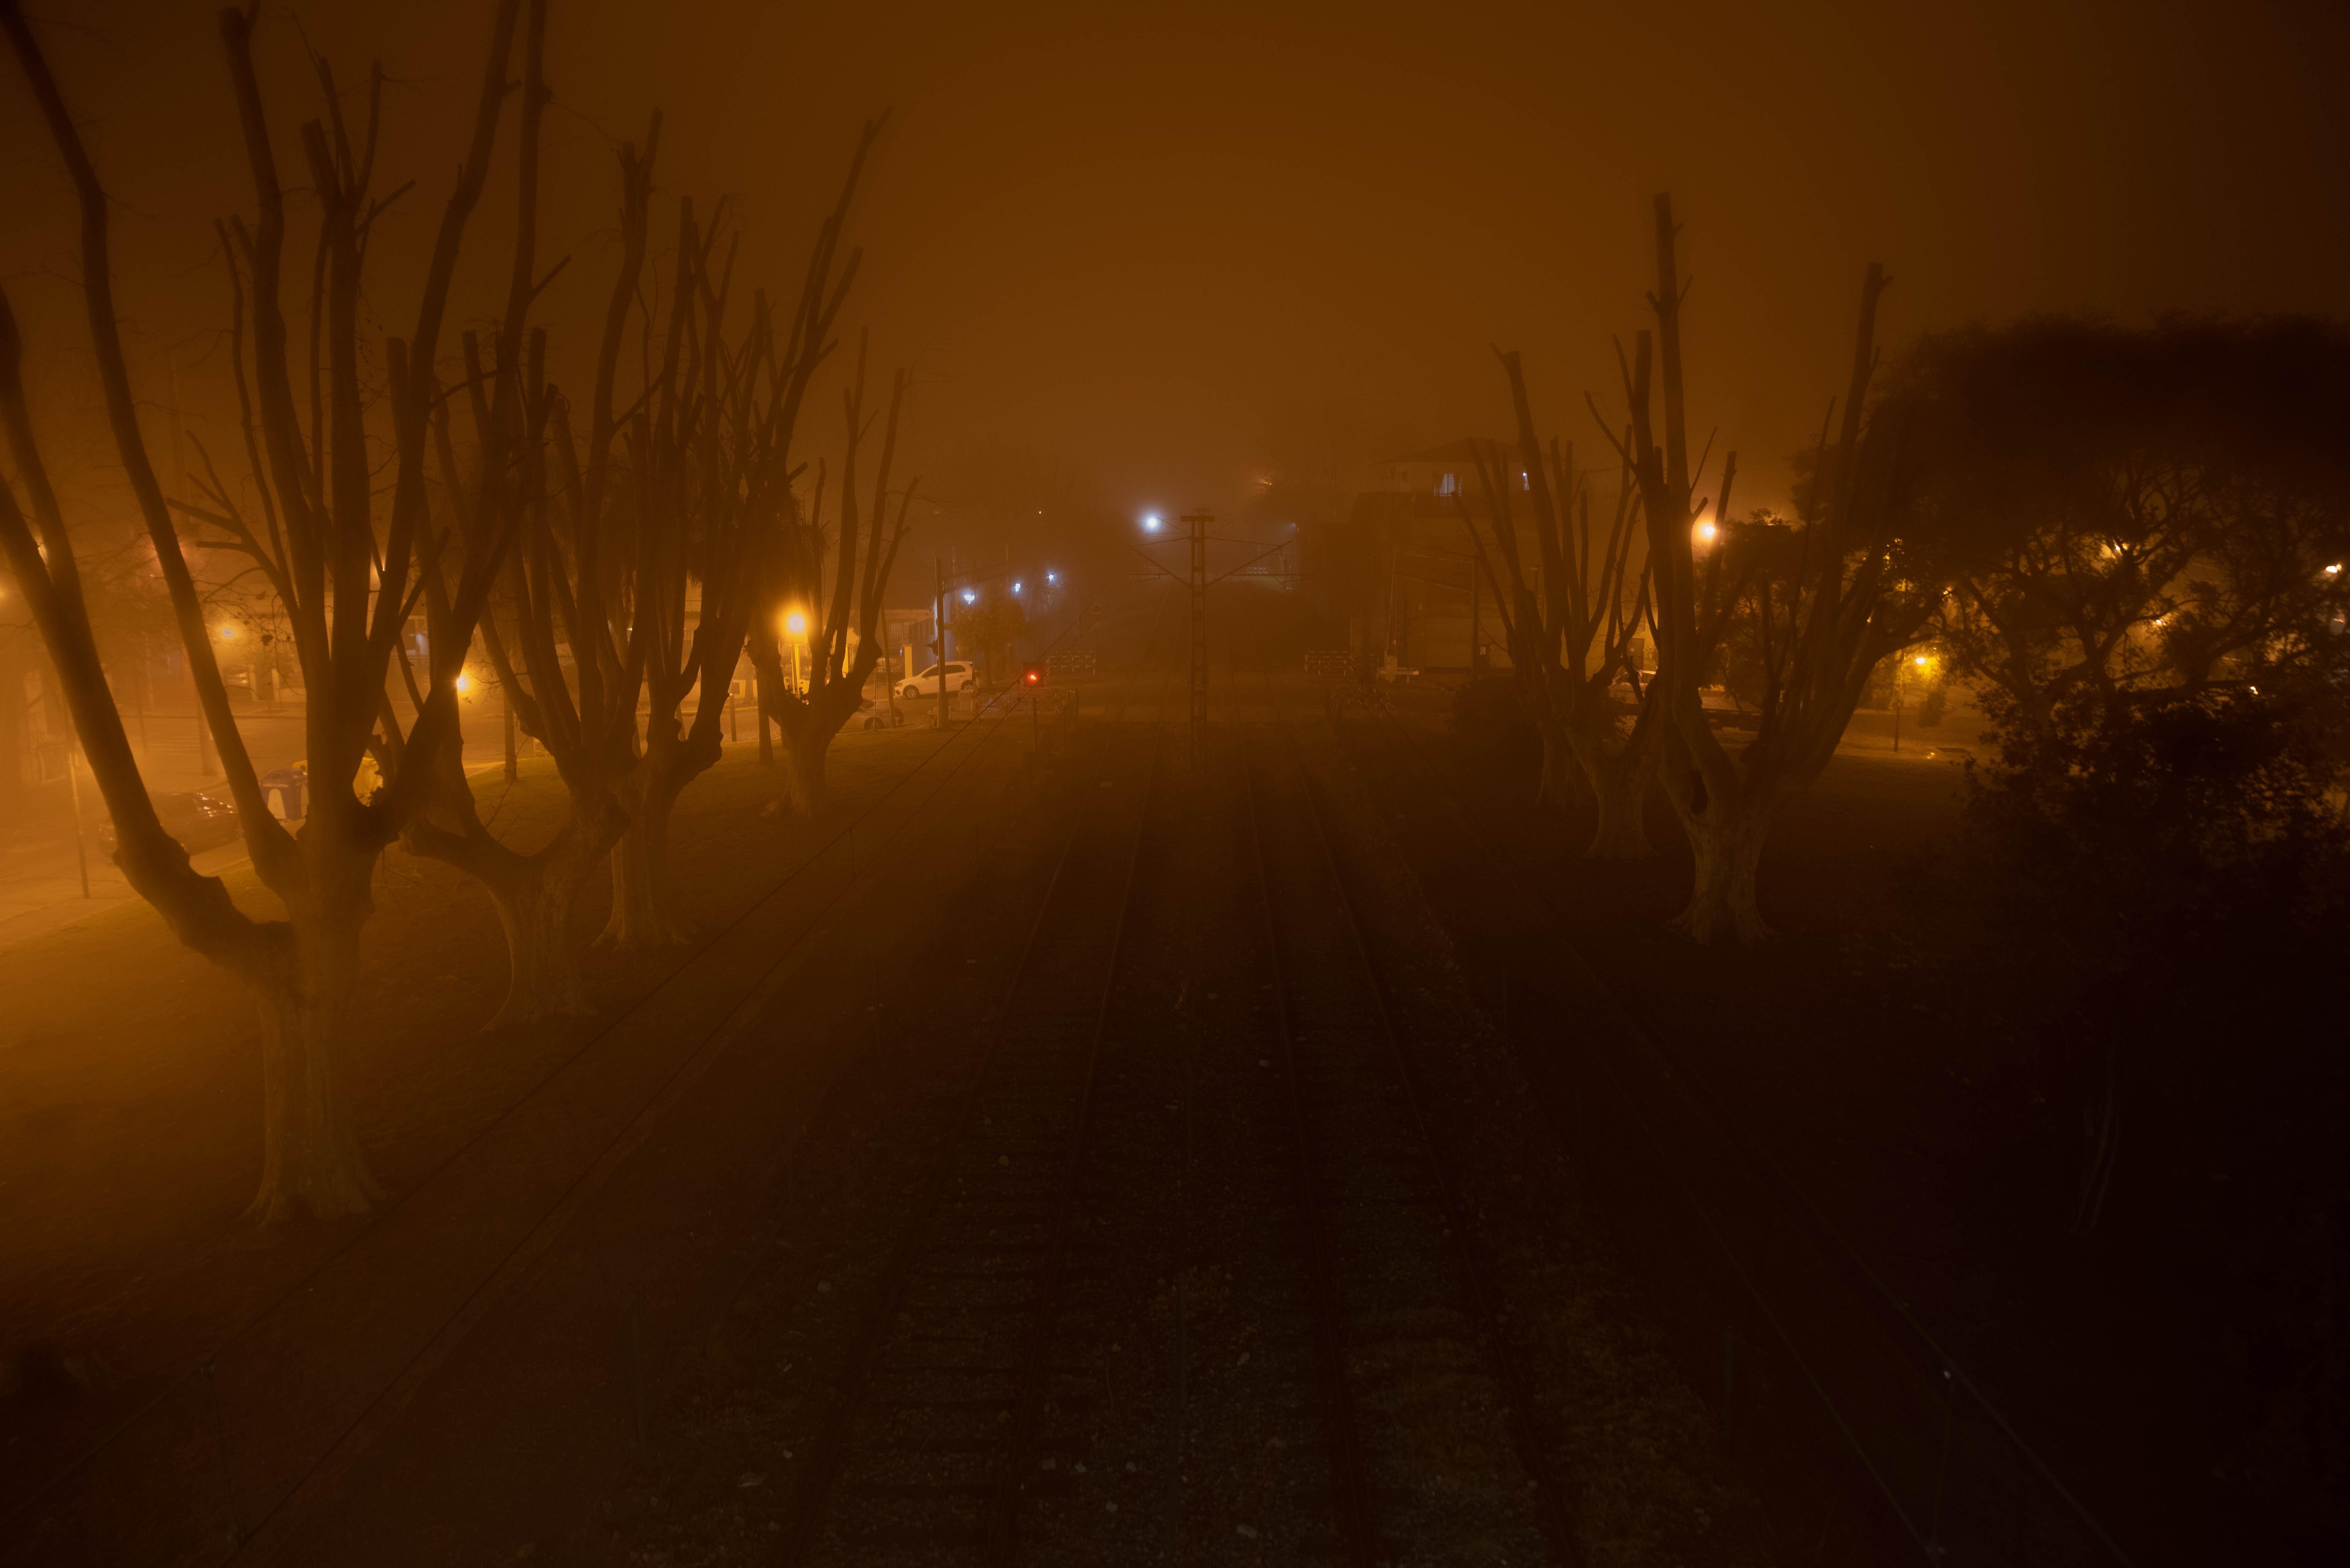 Fotos de la neblina se replicaron en las redes sociales